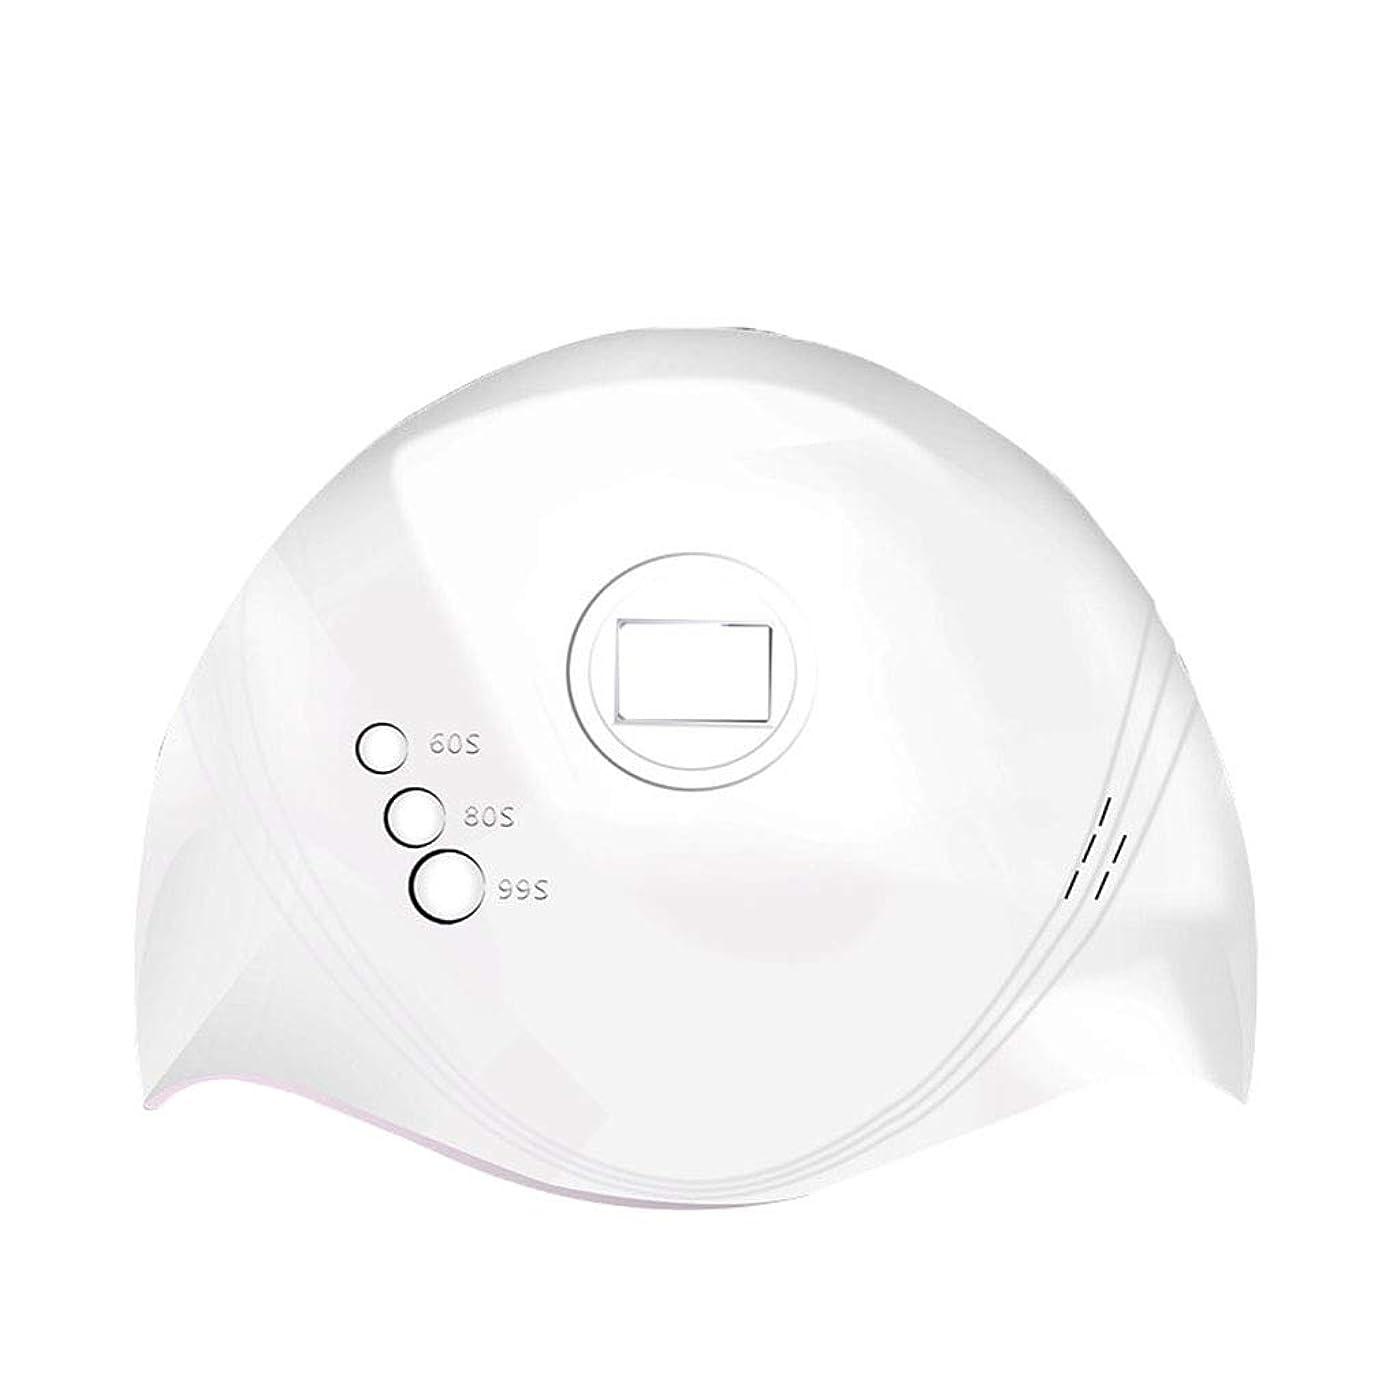 時代遅れ市の花乱暴な36Wネイルドライヤー、ネイル用ポータブルLED / UVランプ赤外線センサー付きネイルランプおよび60秒/ 80秒時間設定、99秒低発熱、すべてのゲルに対応